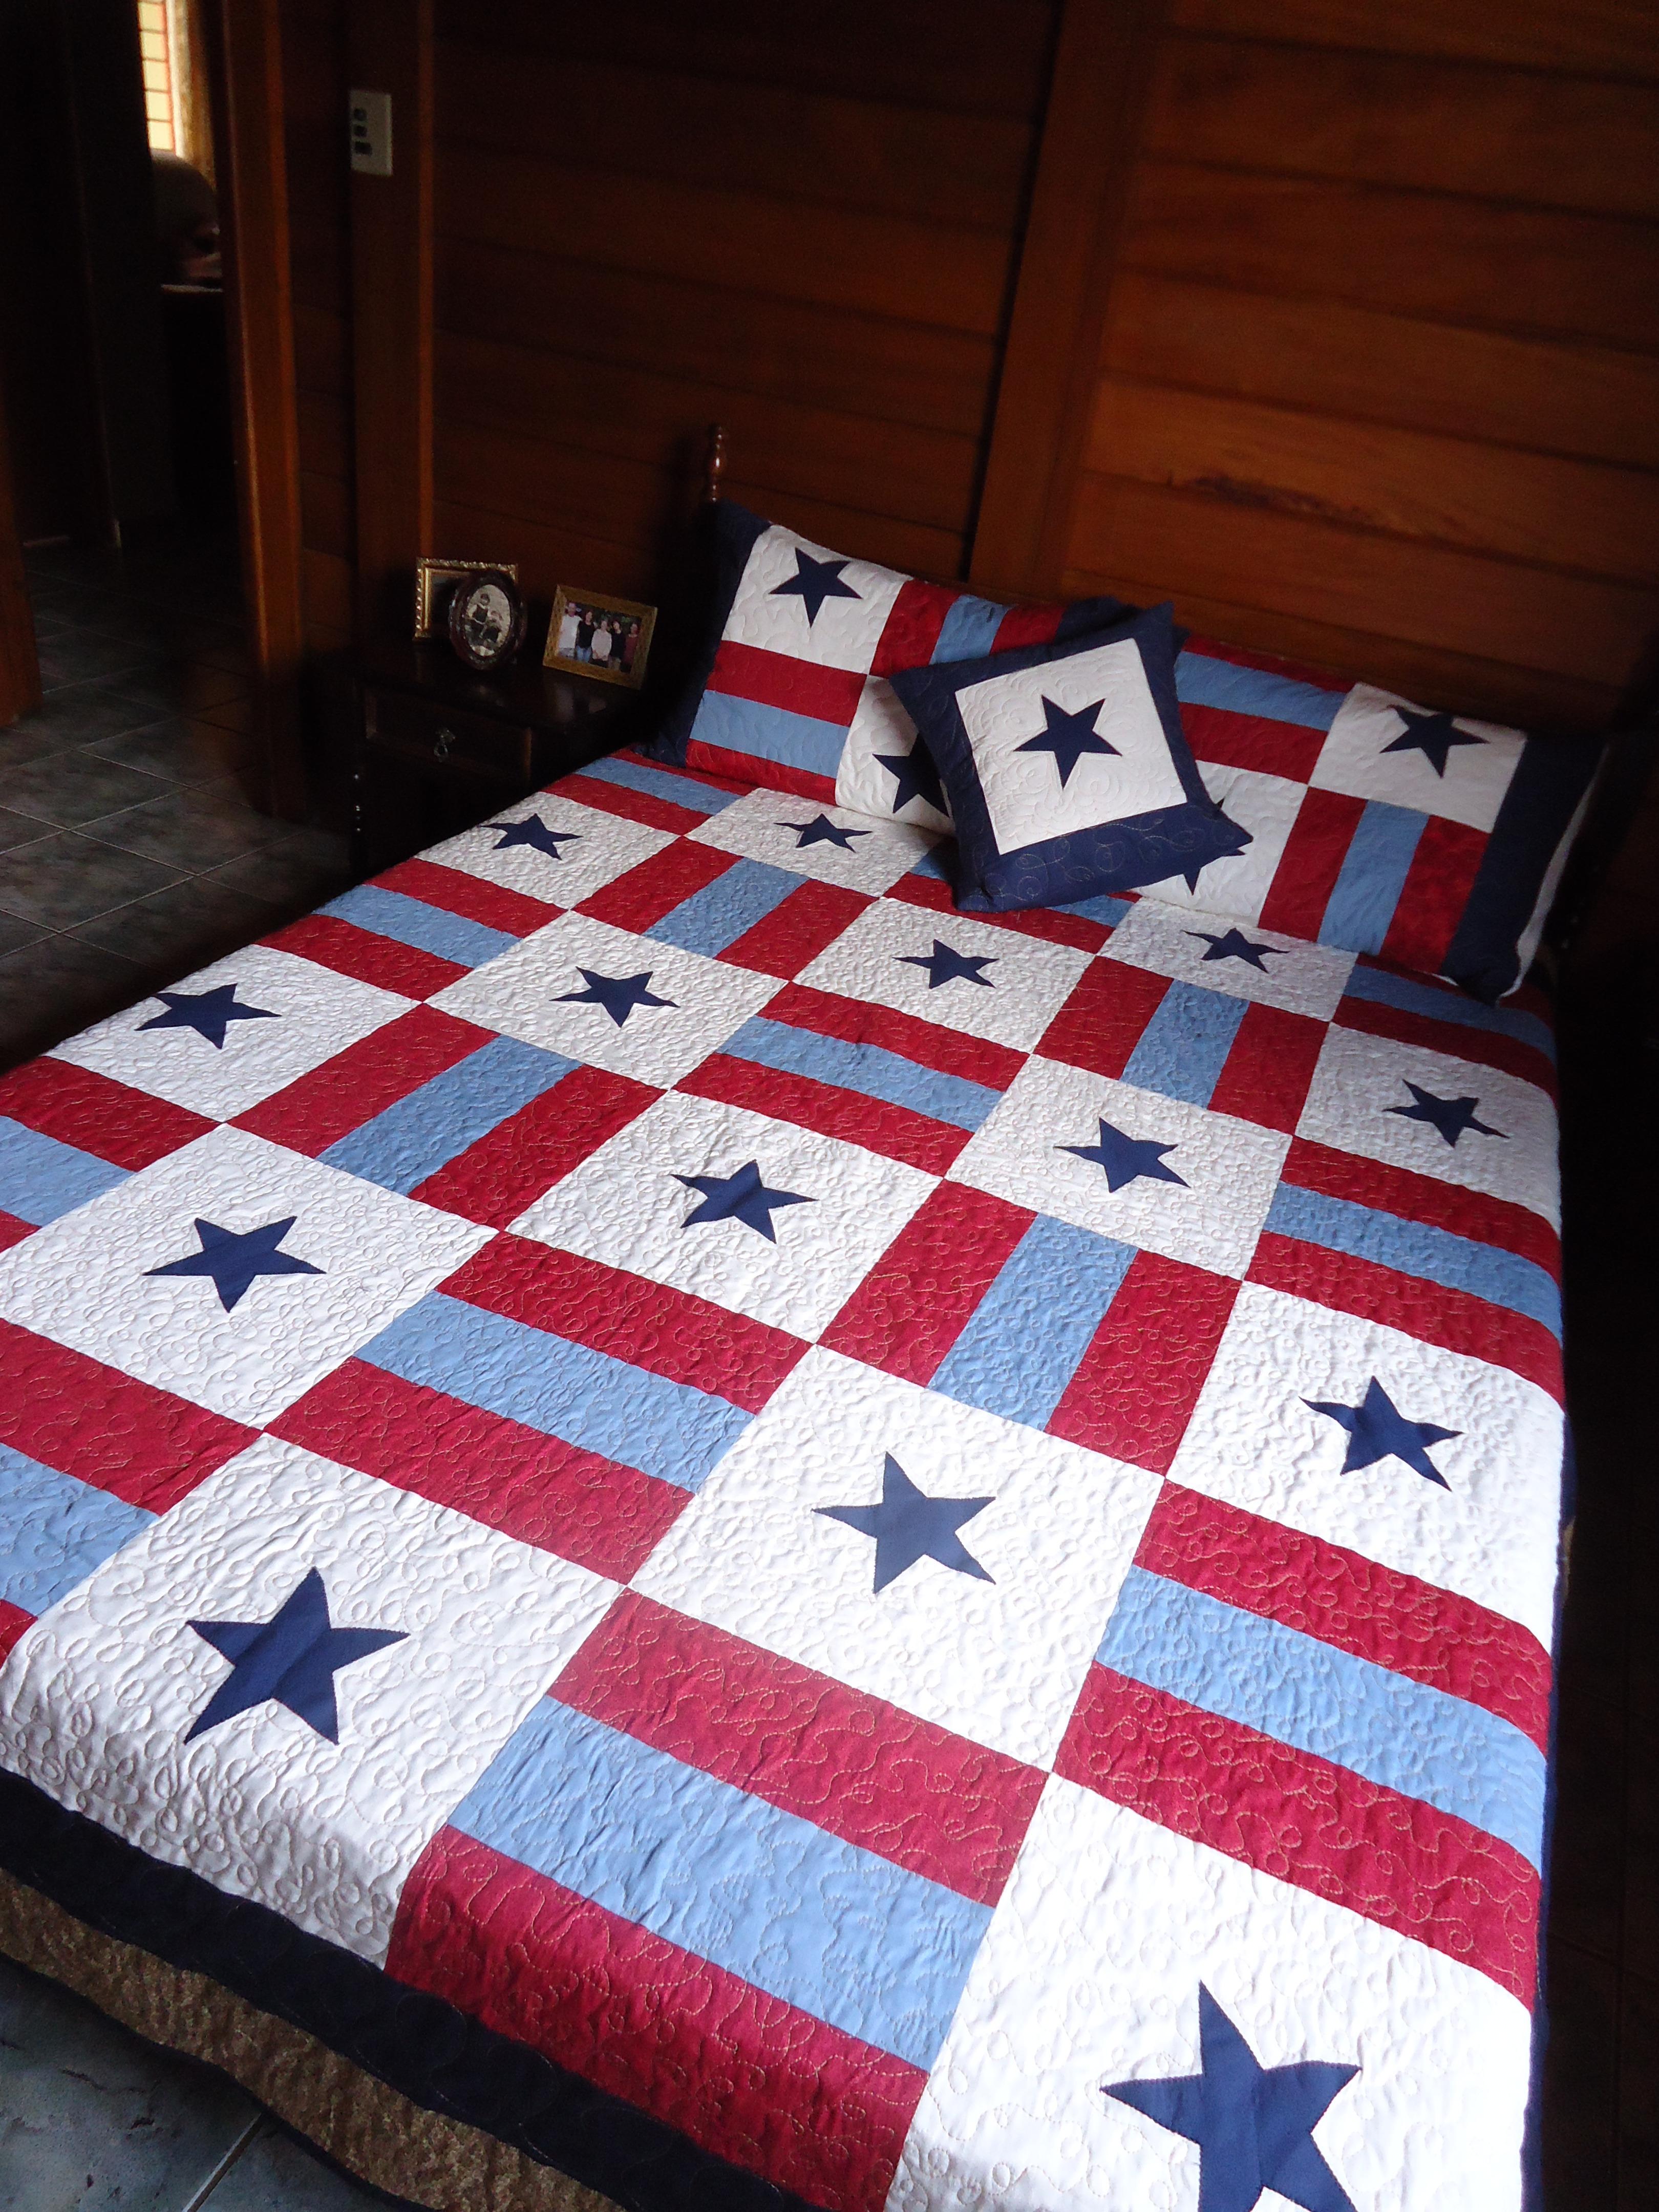 Colcha de patchwork artes da zecota elo7 - Colcha patchwork ...